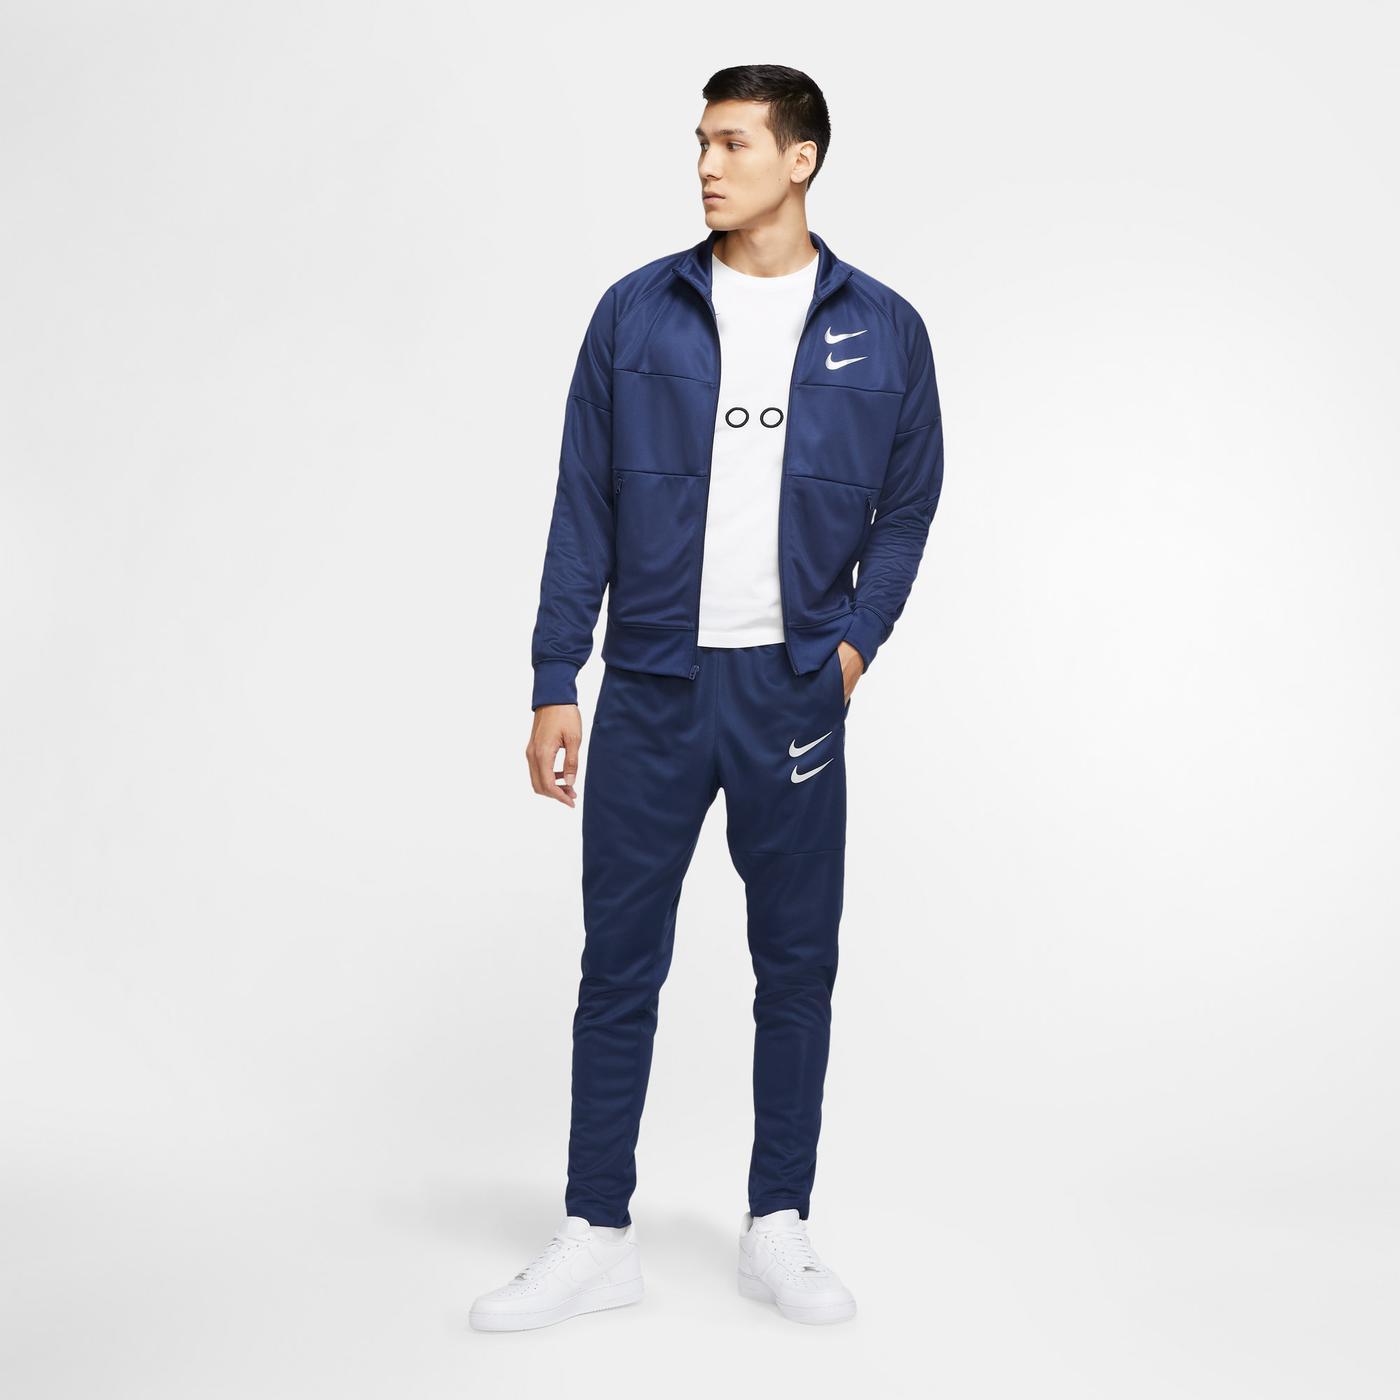 Nike Sportswear Swoosh Lacivert Eşofman Altı